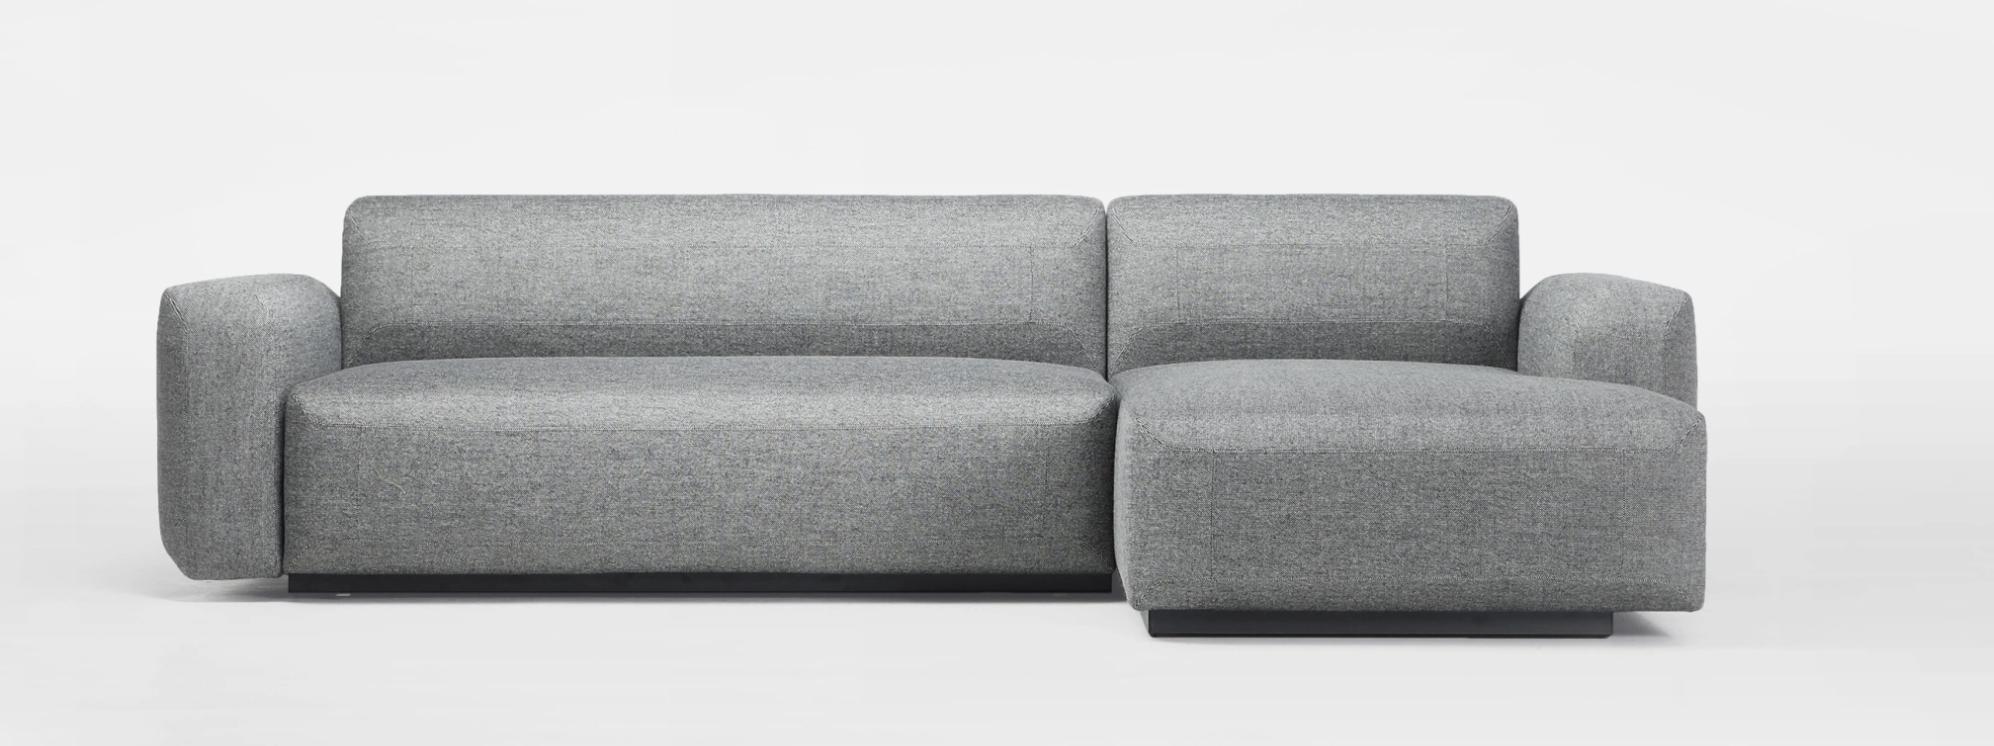 Fake Sofa-Pros